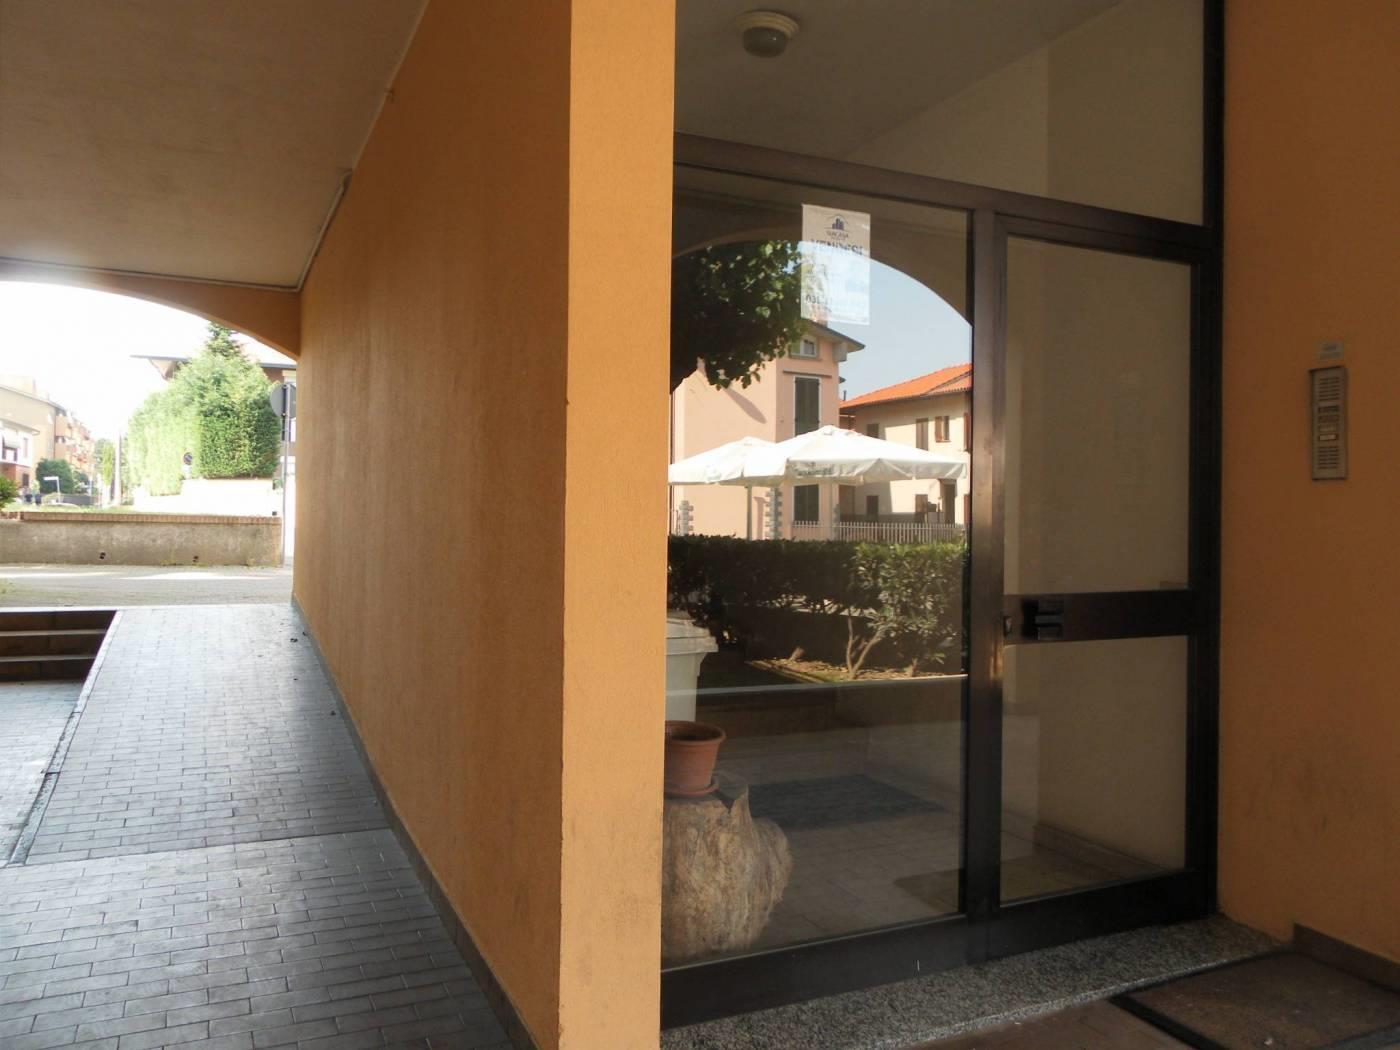 Foto 6 - Appartamento in Vendita - Mezzago (Monza e Brianza)